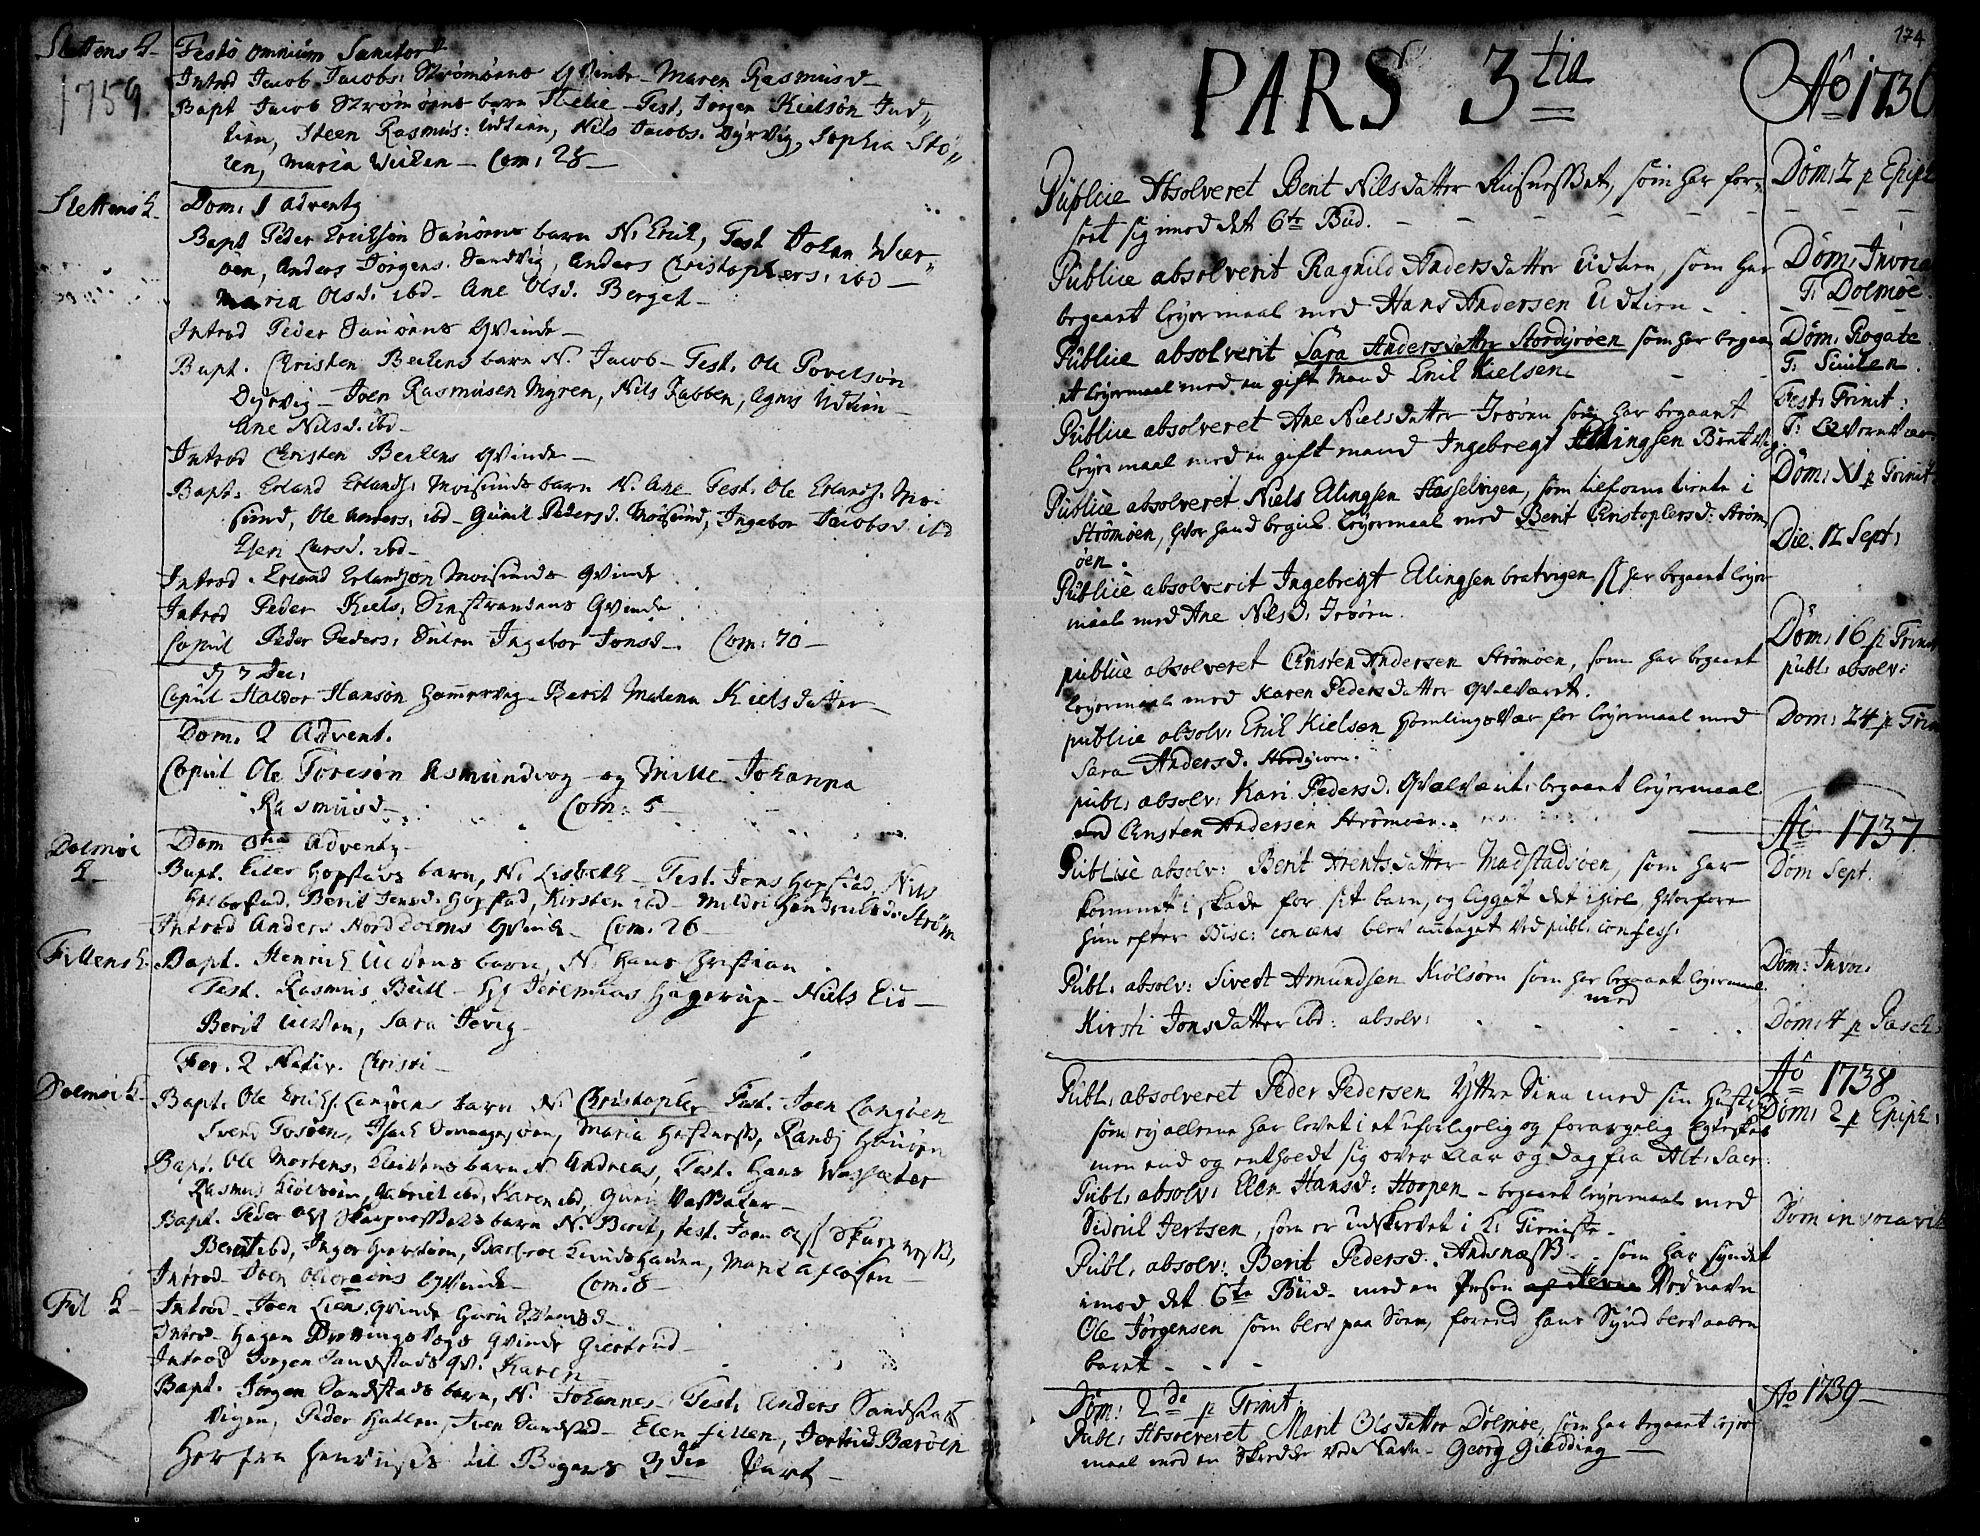 SAT, Ministerialprotokoller, klokkerbøker og fødselsregistre - Sør-Trøndelag, 634/L0525: Ministerialbok nr. 634A01, 1736-1775, s. 174